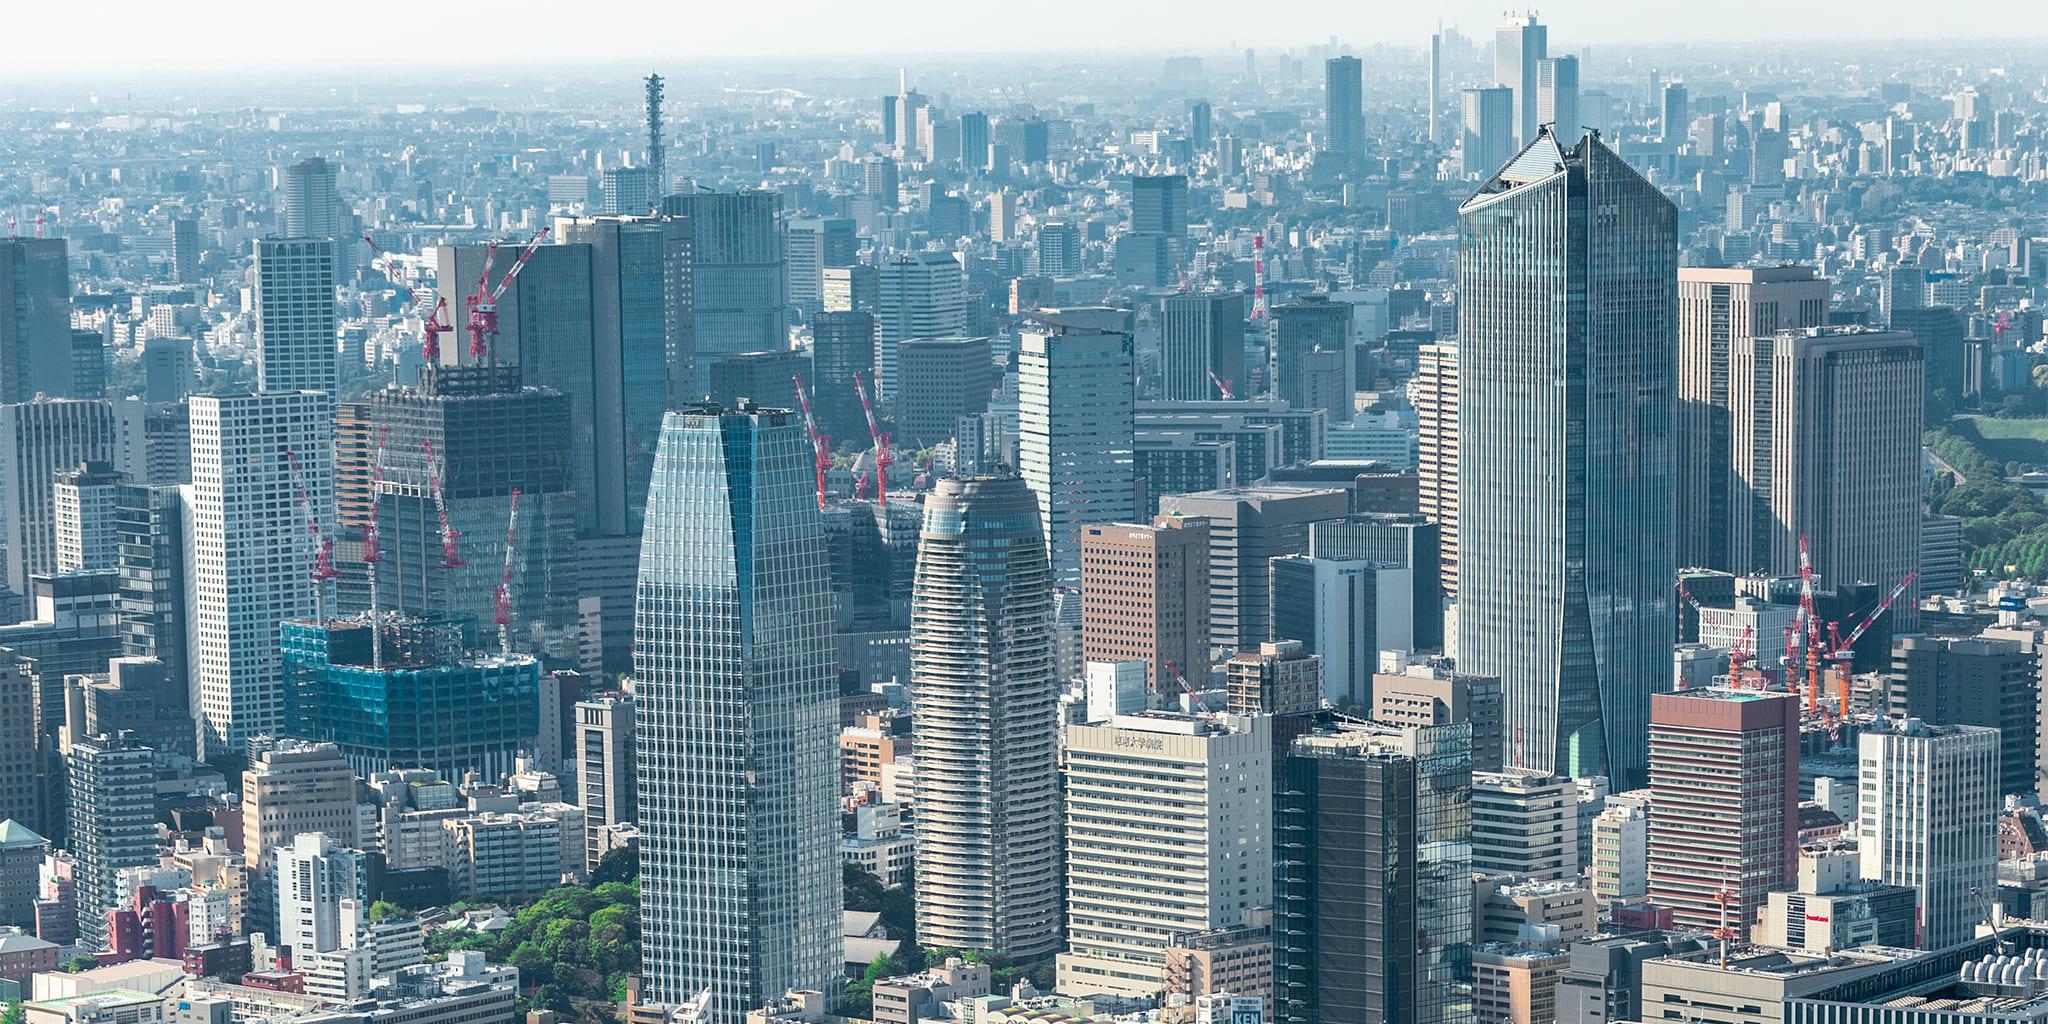 ヘリコプターで東京上空をフライトして見える虎ノ門